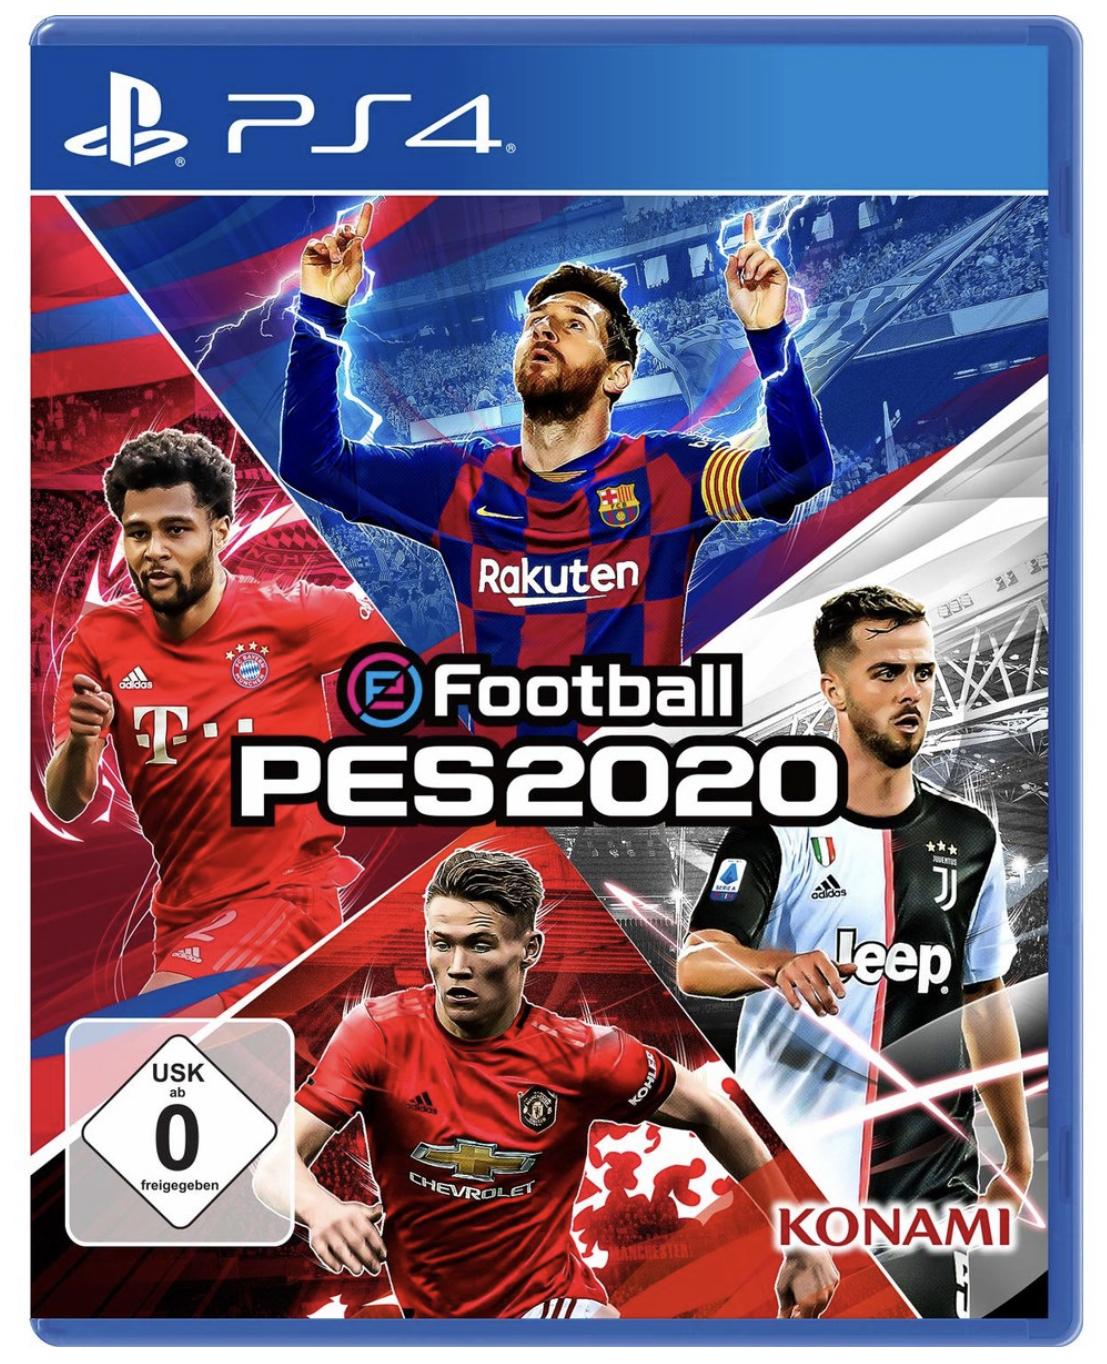 eFootball PES 2020 PS4 für 39,99€ inkl. Versandkosten